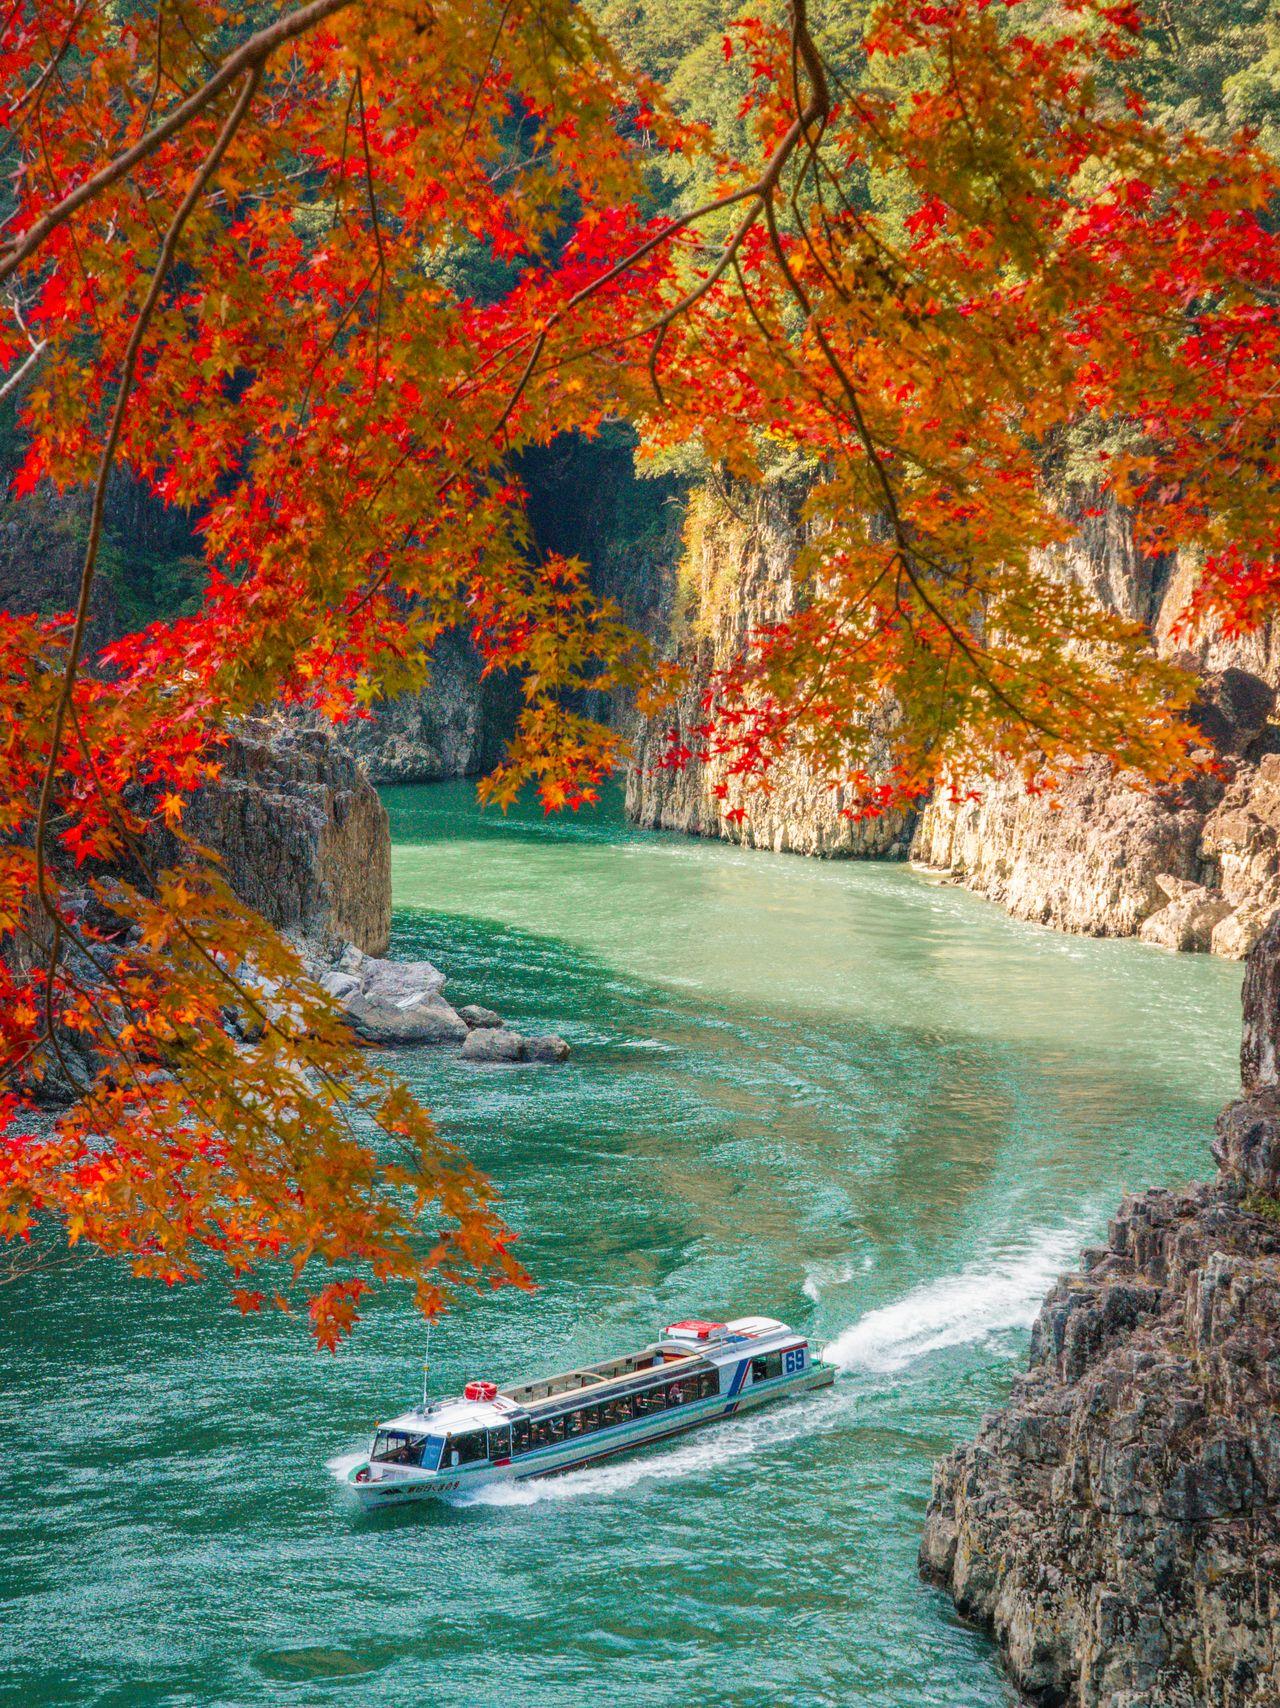 Прогулочное судно в Дорокё в период осенней листвы (фотография предоставлена Федерацией туризма префектуры Вакаяма)